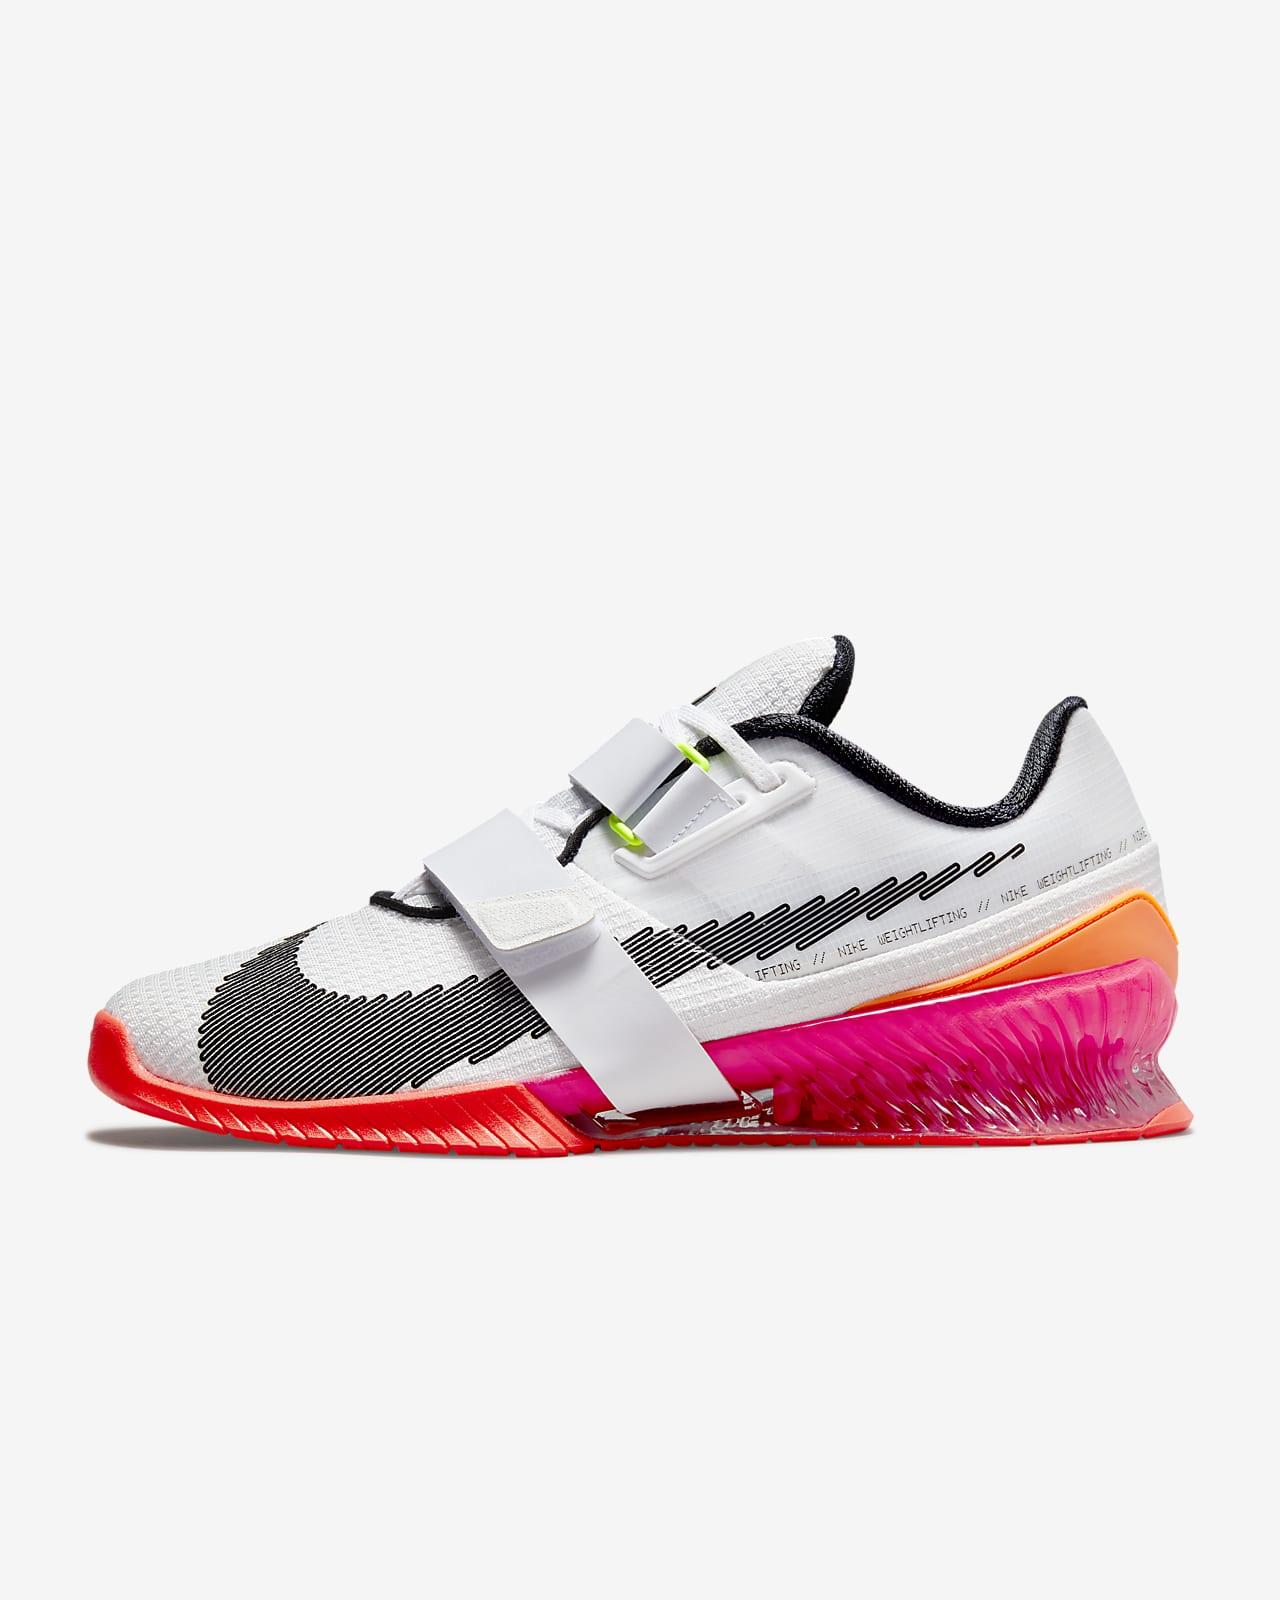 Nike Romaleos 4 SE Weightlifting Shoe